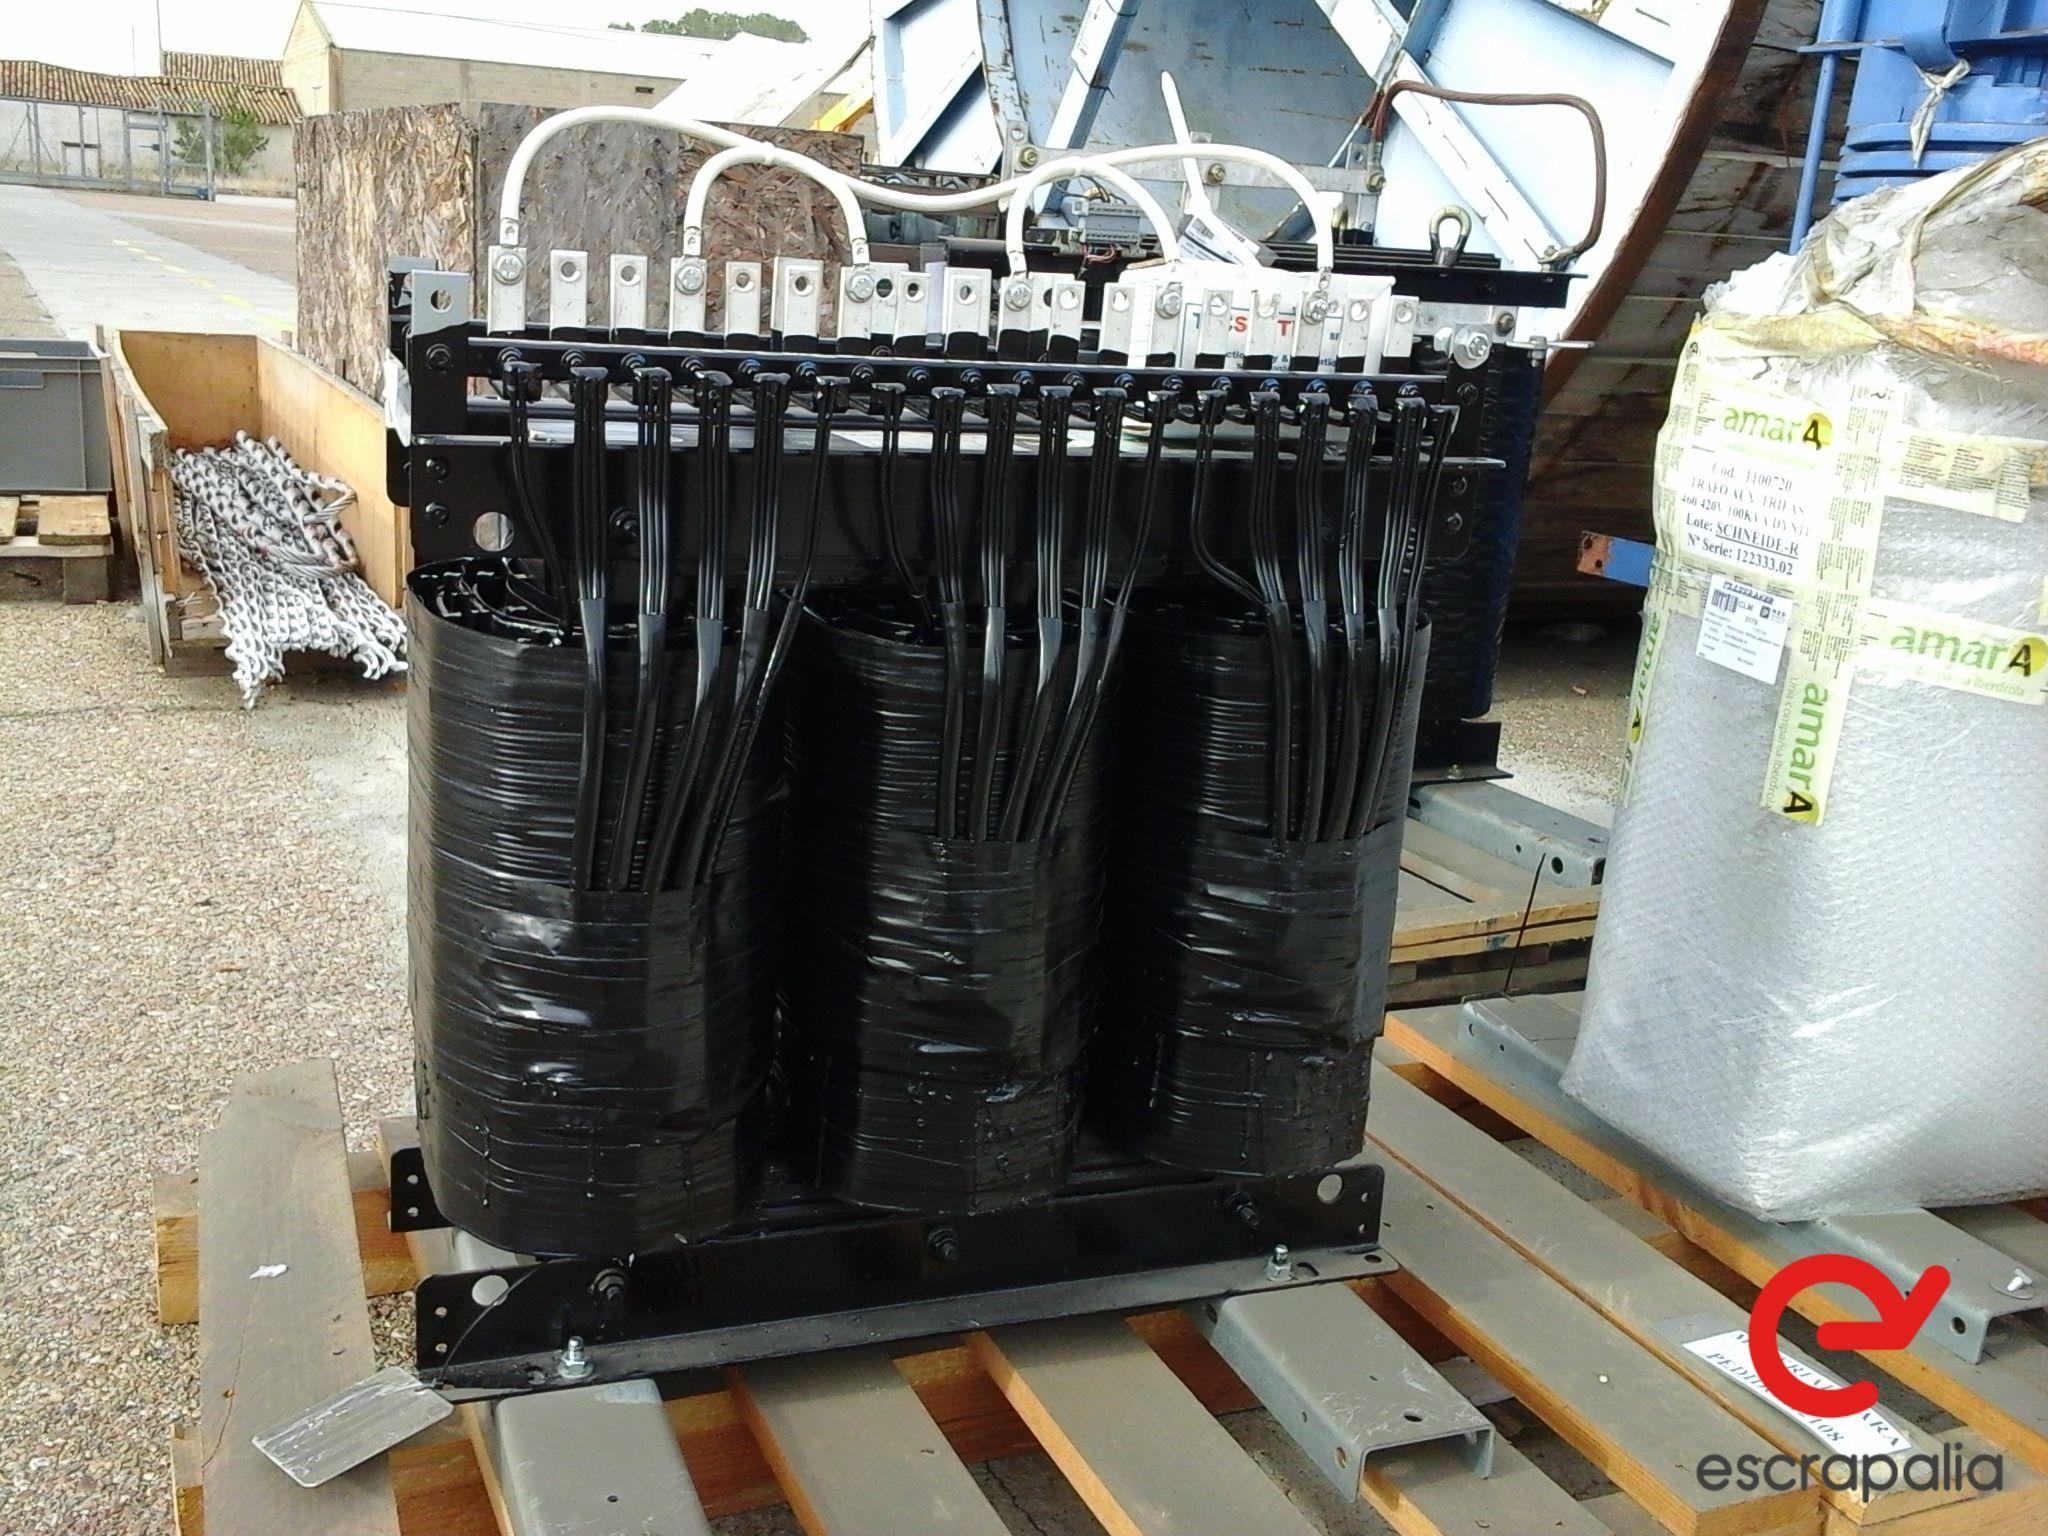 5 Transformatoren von 100 und 500 KVA - 7.000 kg